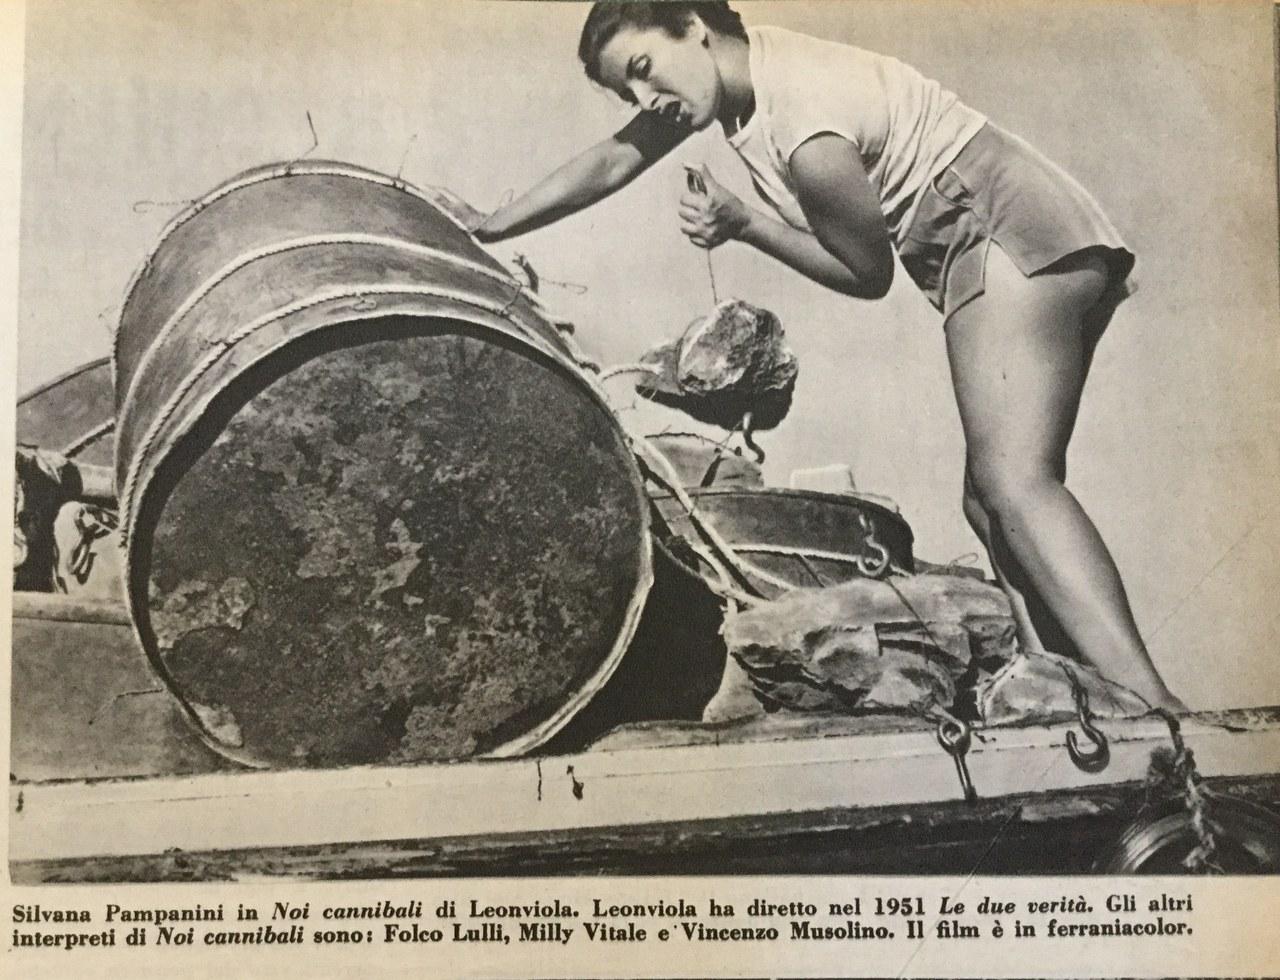 Una foto di Silvana Pampanini nella sezione 'Notizie' di Cinema nuovo, 18, settembre 1953